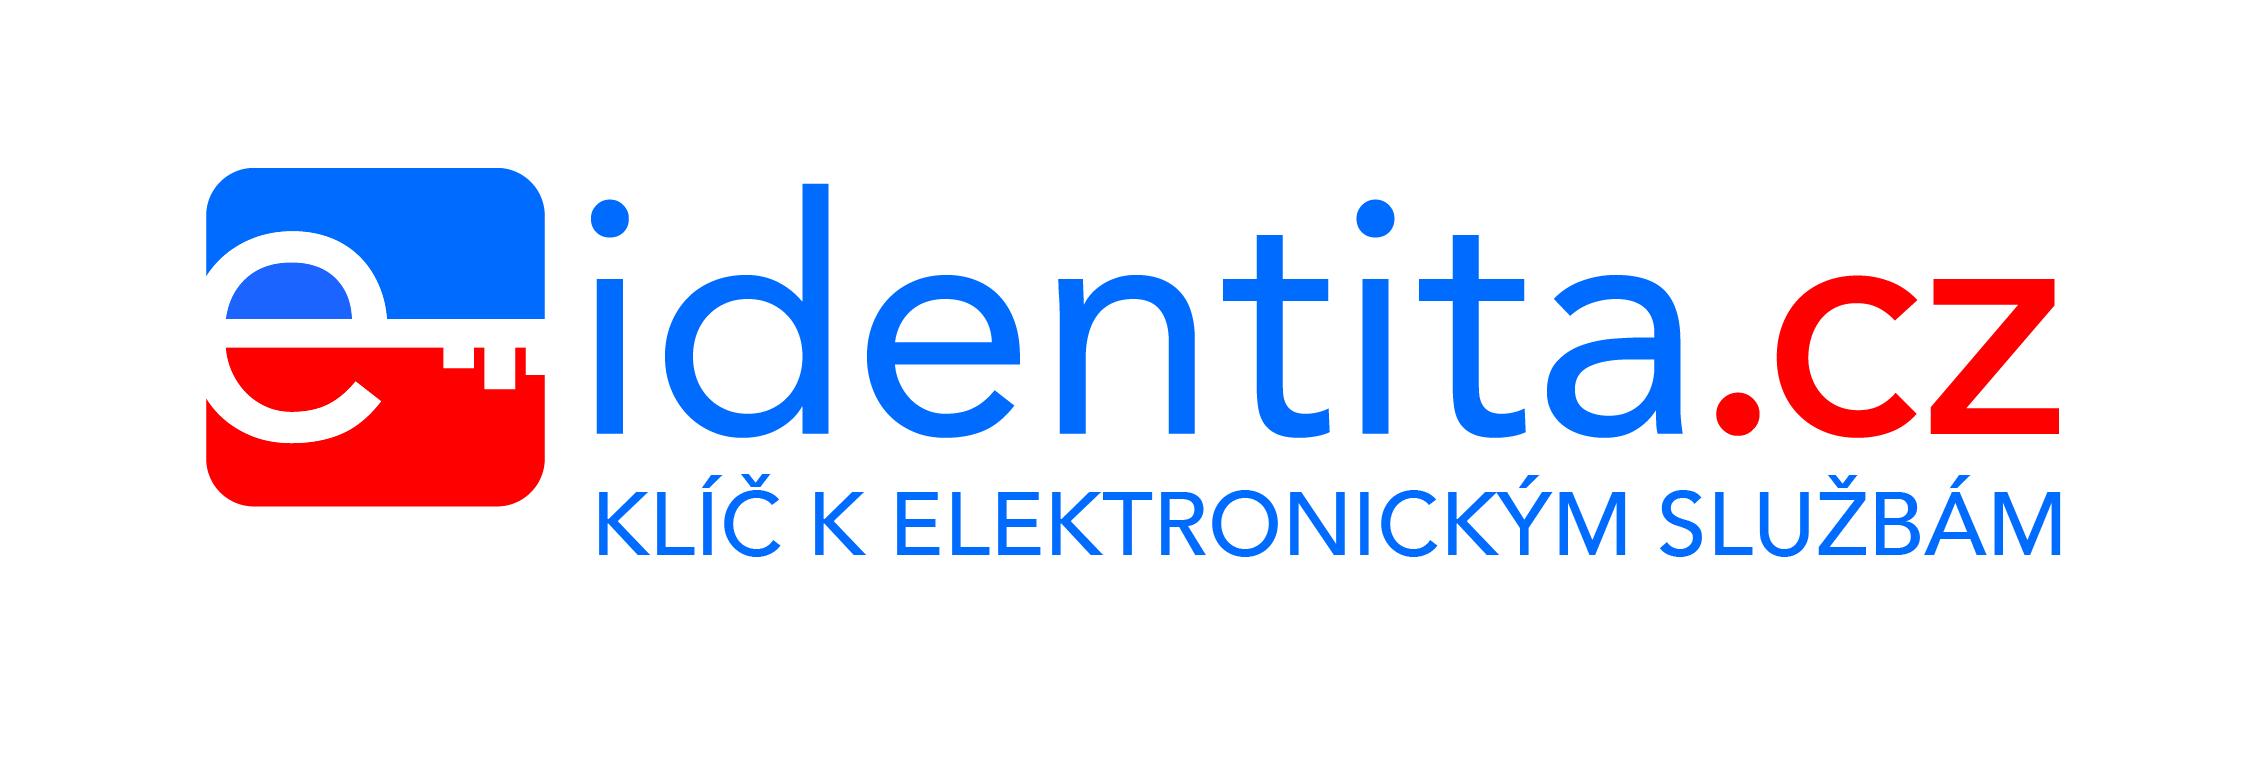 logo_eidentita.cz